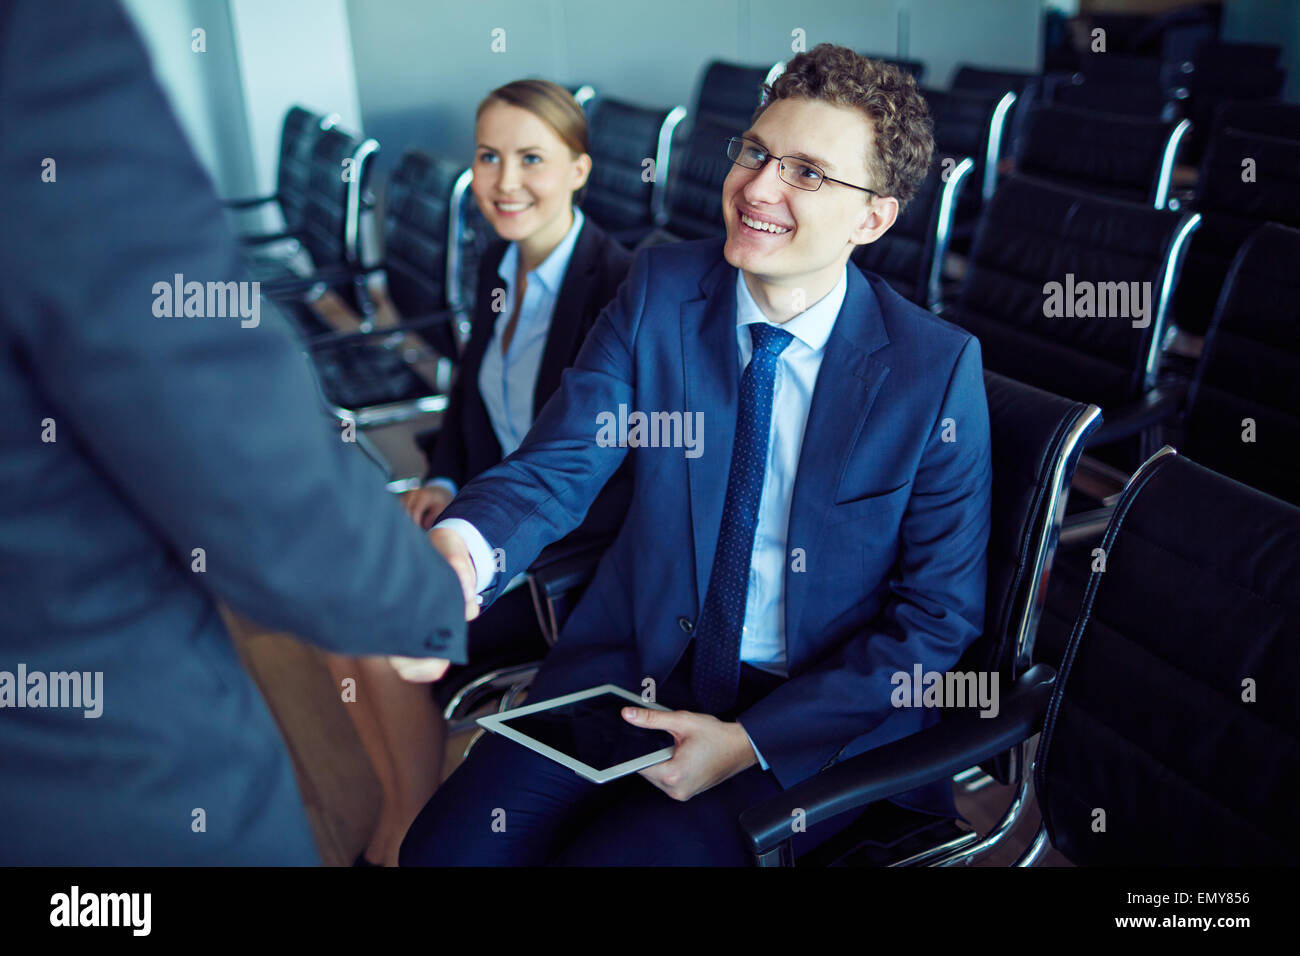 Dipendente di sesso maschile in tuta e occhiali saluto il suo partner durante la conferenza Immagini Stock